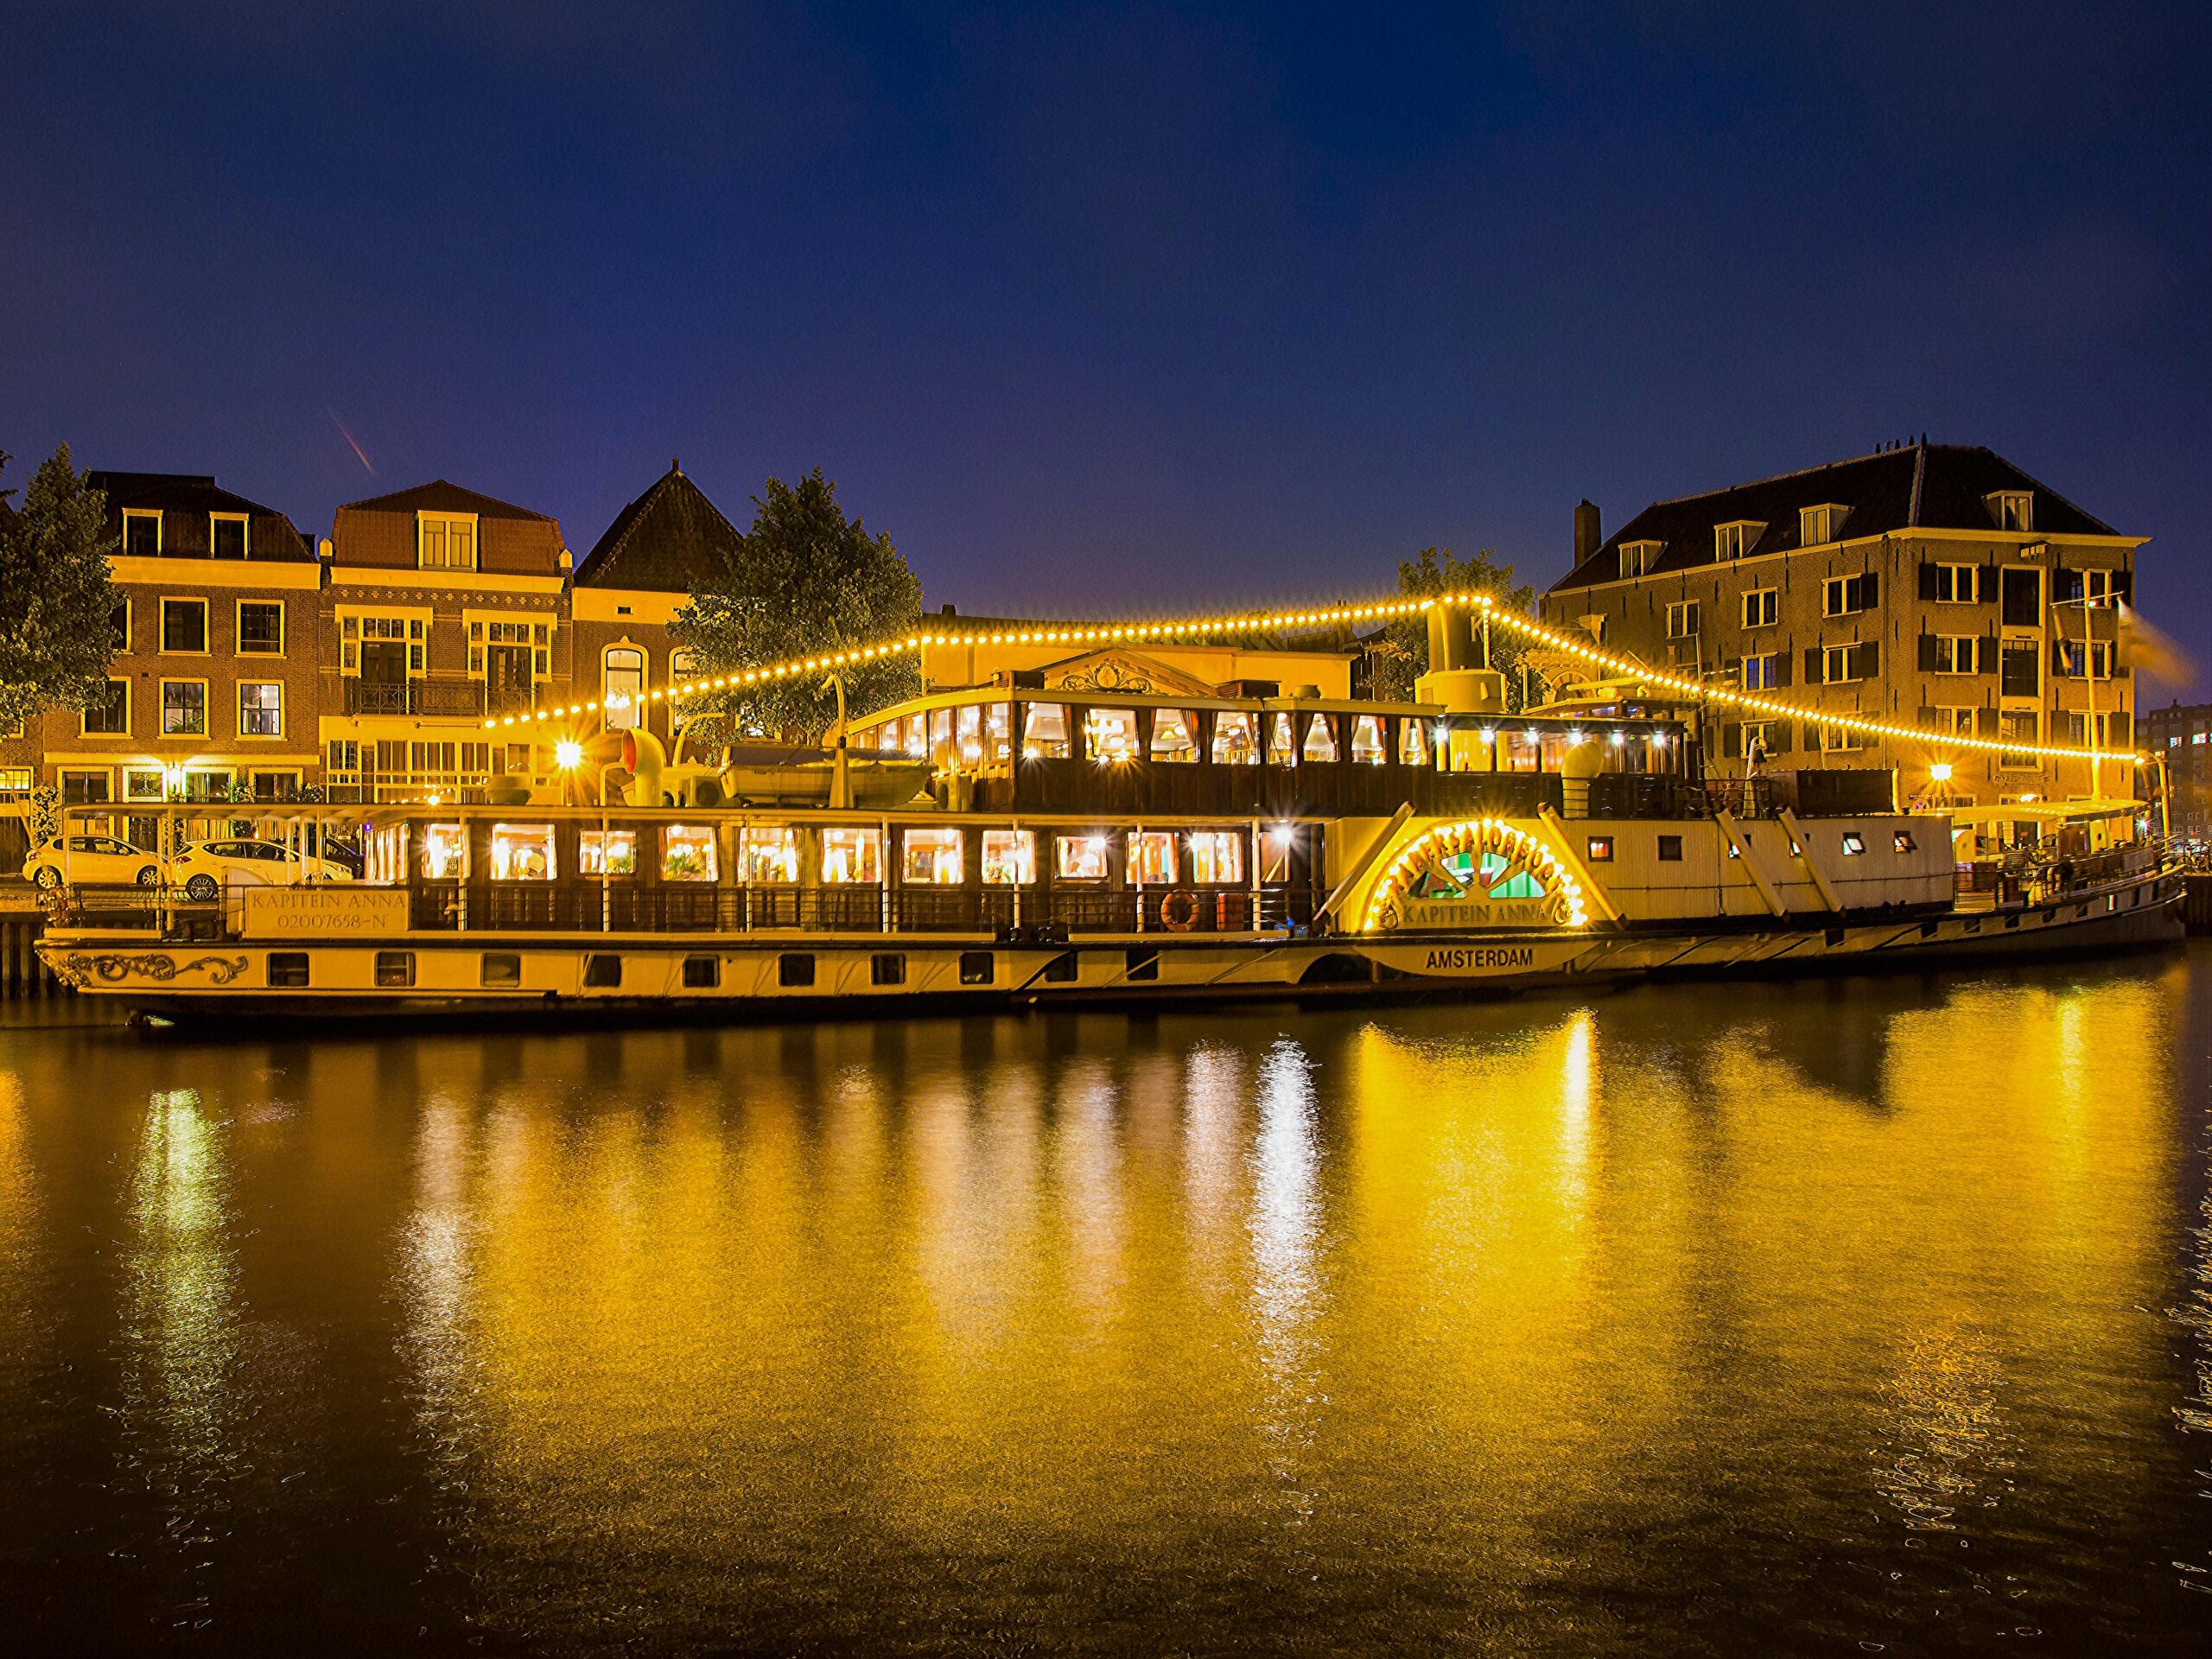 Radersalonboot  te koop · Ligplaats: aan de NDSM-pier 6 Amsterdam  · Kapitein Anna · ref 4069 · Scheepsmakelaardij Fikkers